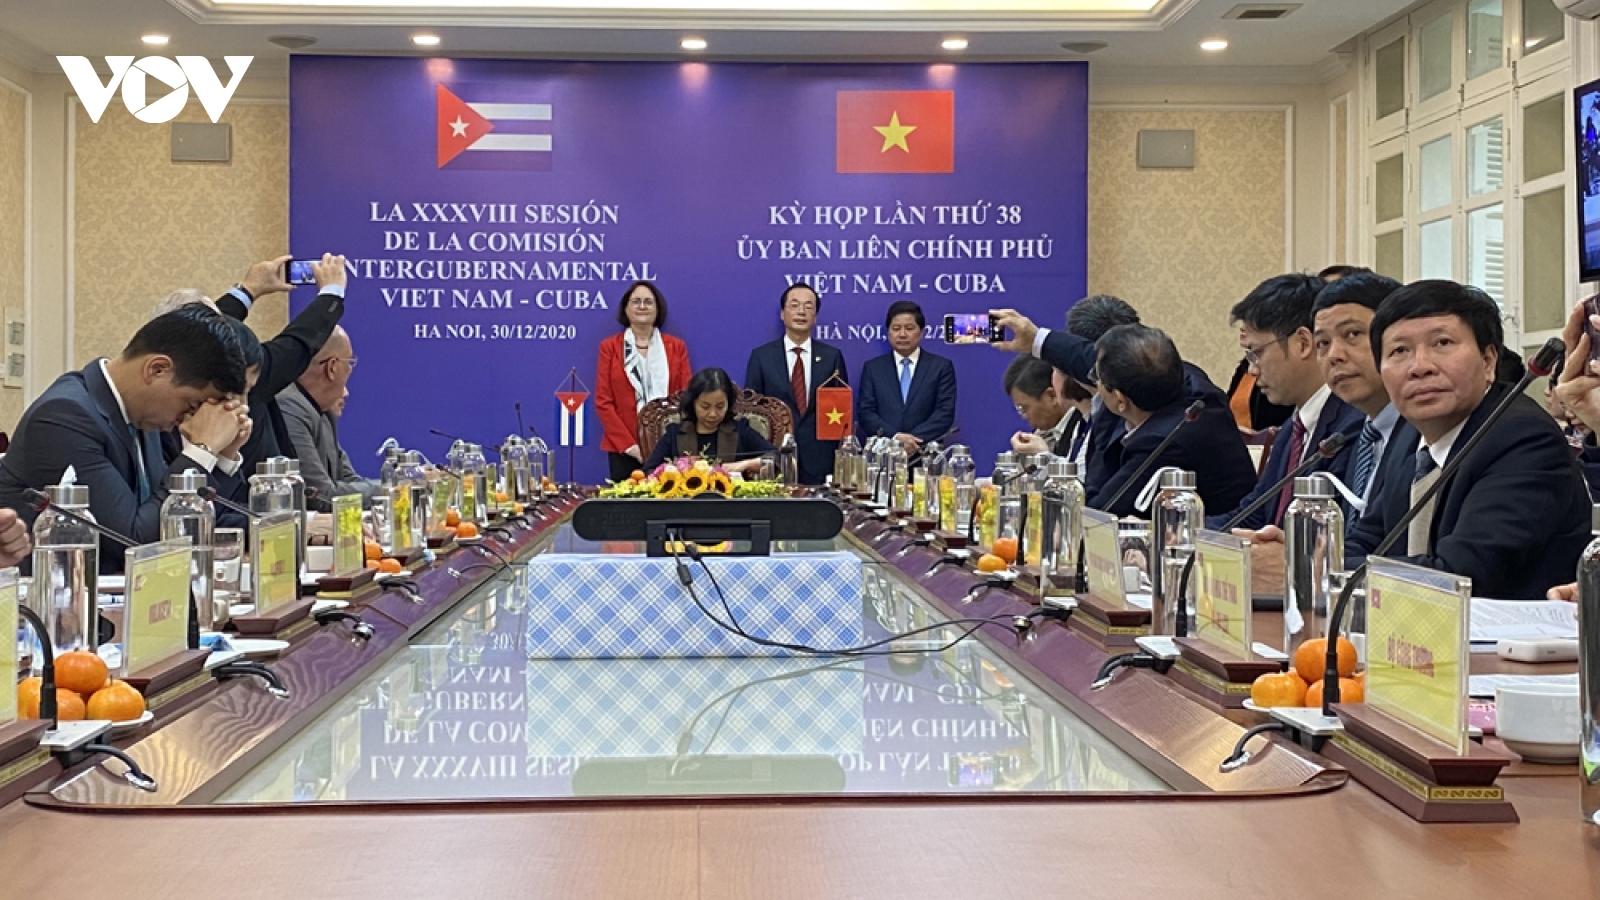 Kim ngạch thương mại Việt Nam – Cuba kỳ vọng đạt 500 triệu USD vào năm 2025